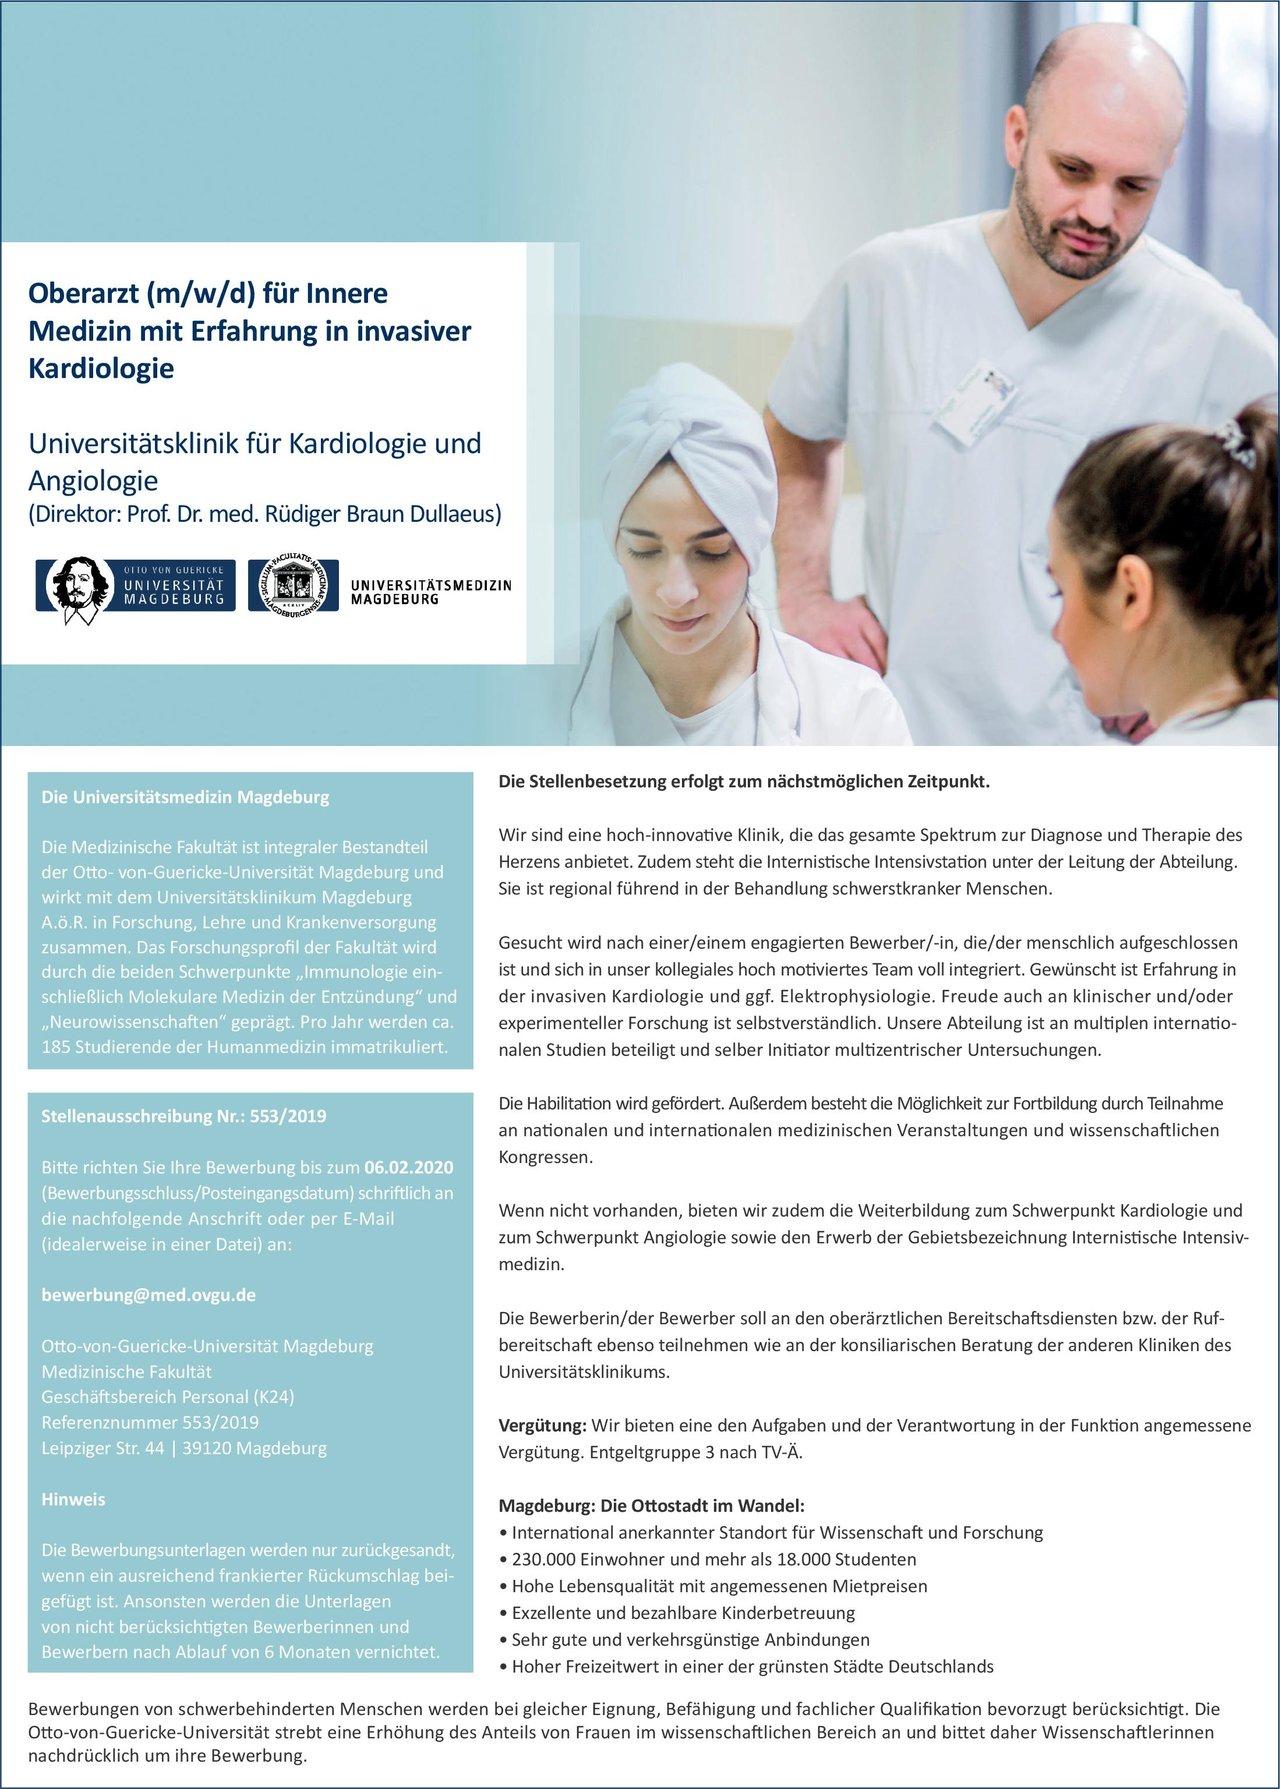 Otto-von-Guericke-Universität Magdeburg Medizinische Fakultät Oberarzt (m/w/d) für Innere Medizin mit Erfahrung in invasiver Kardiologie  Innere Medizin und Kardiologie, Innere Medizin Oberarzt